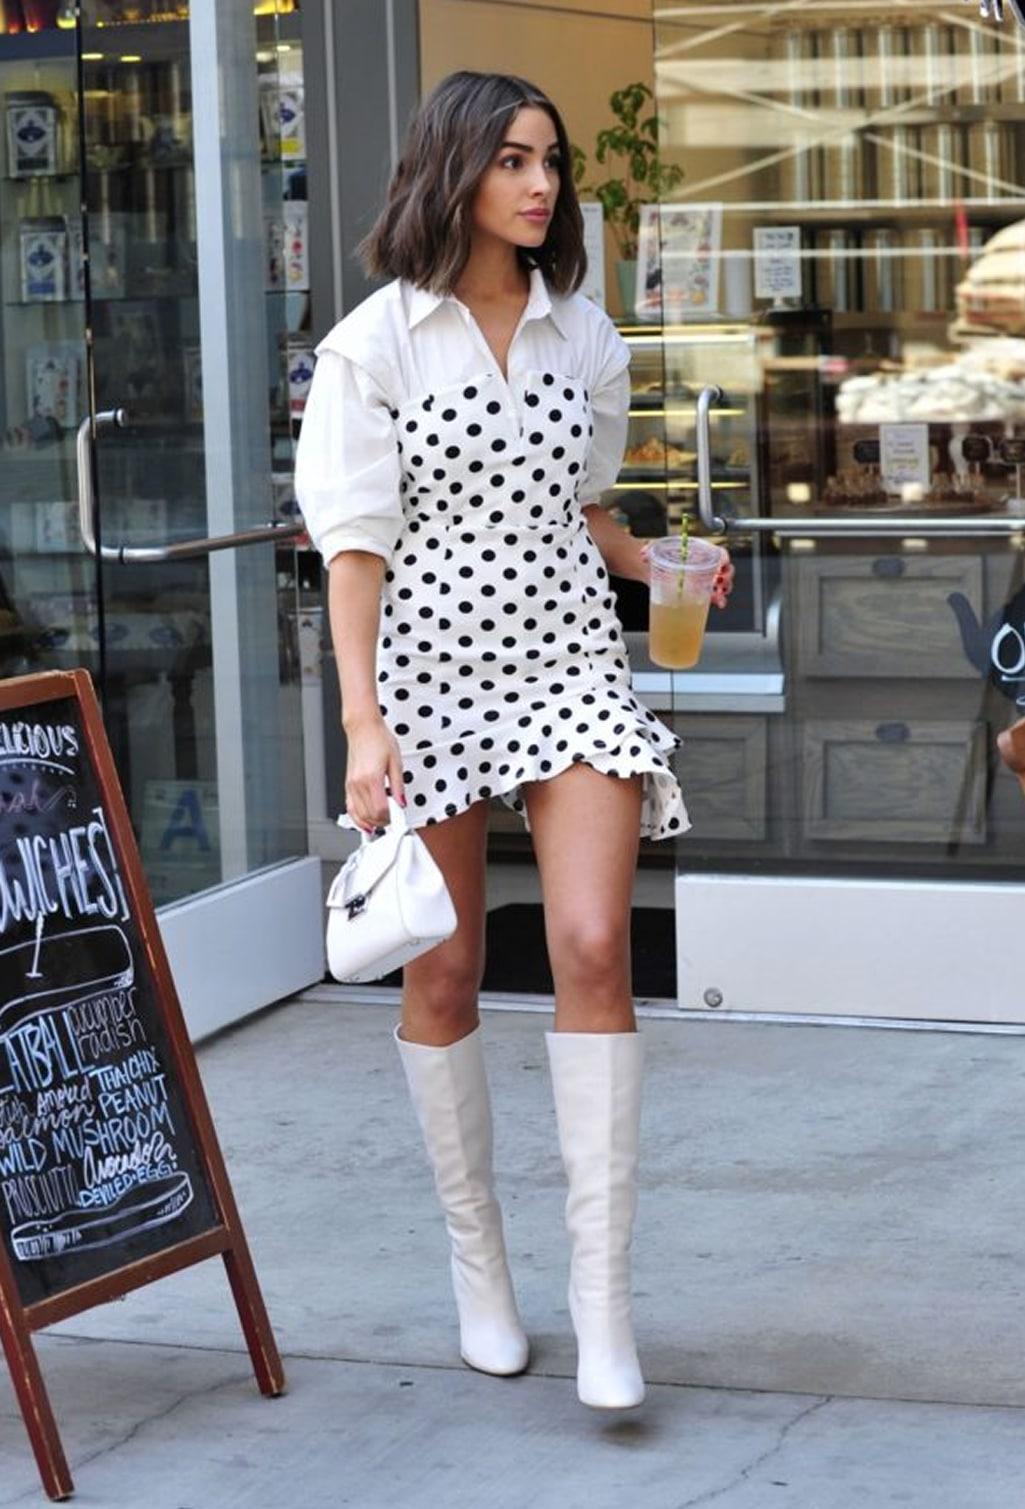 Tendência Poá, tendência bolinha, moda bolinha branca, moda bolinha preta, vestido de bolinha preto, vestido de bolinha branca, vestido de bolinha, vestido de poá, saia de poá, saia de poá preto e branco, saia de poá branco e preta, calça de poá